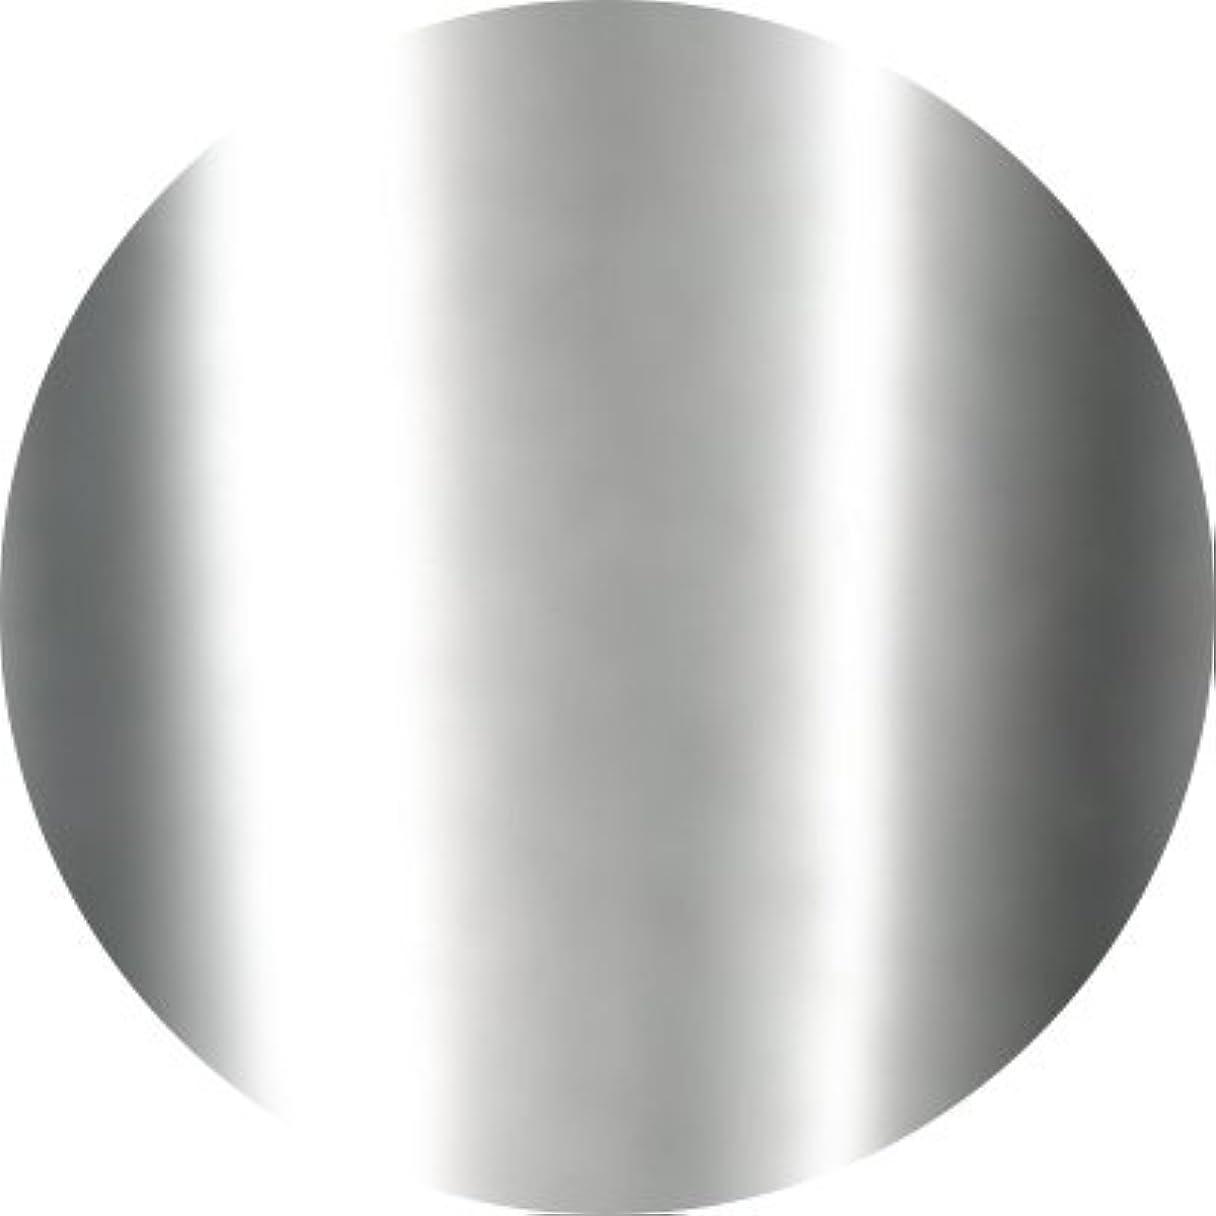 一定学ぶ大騒ぎJewelry jel(ジュエリージェル) カラージェル 5ml<BR>ピッカピカメタリック MKシルバー